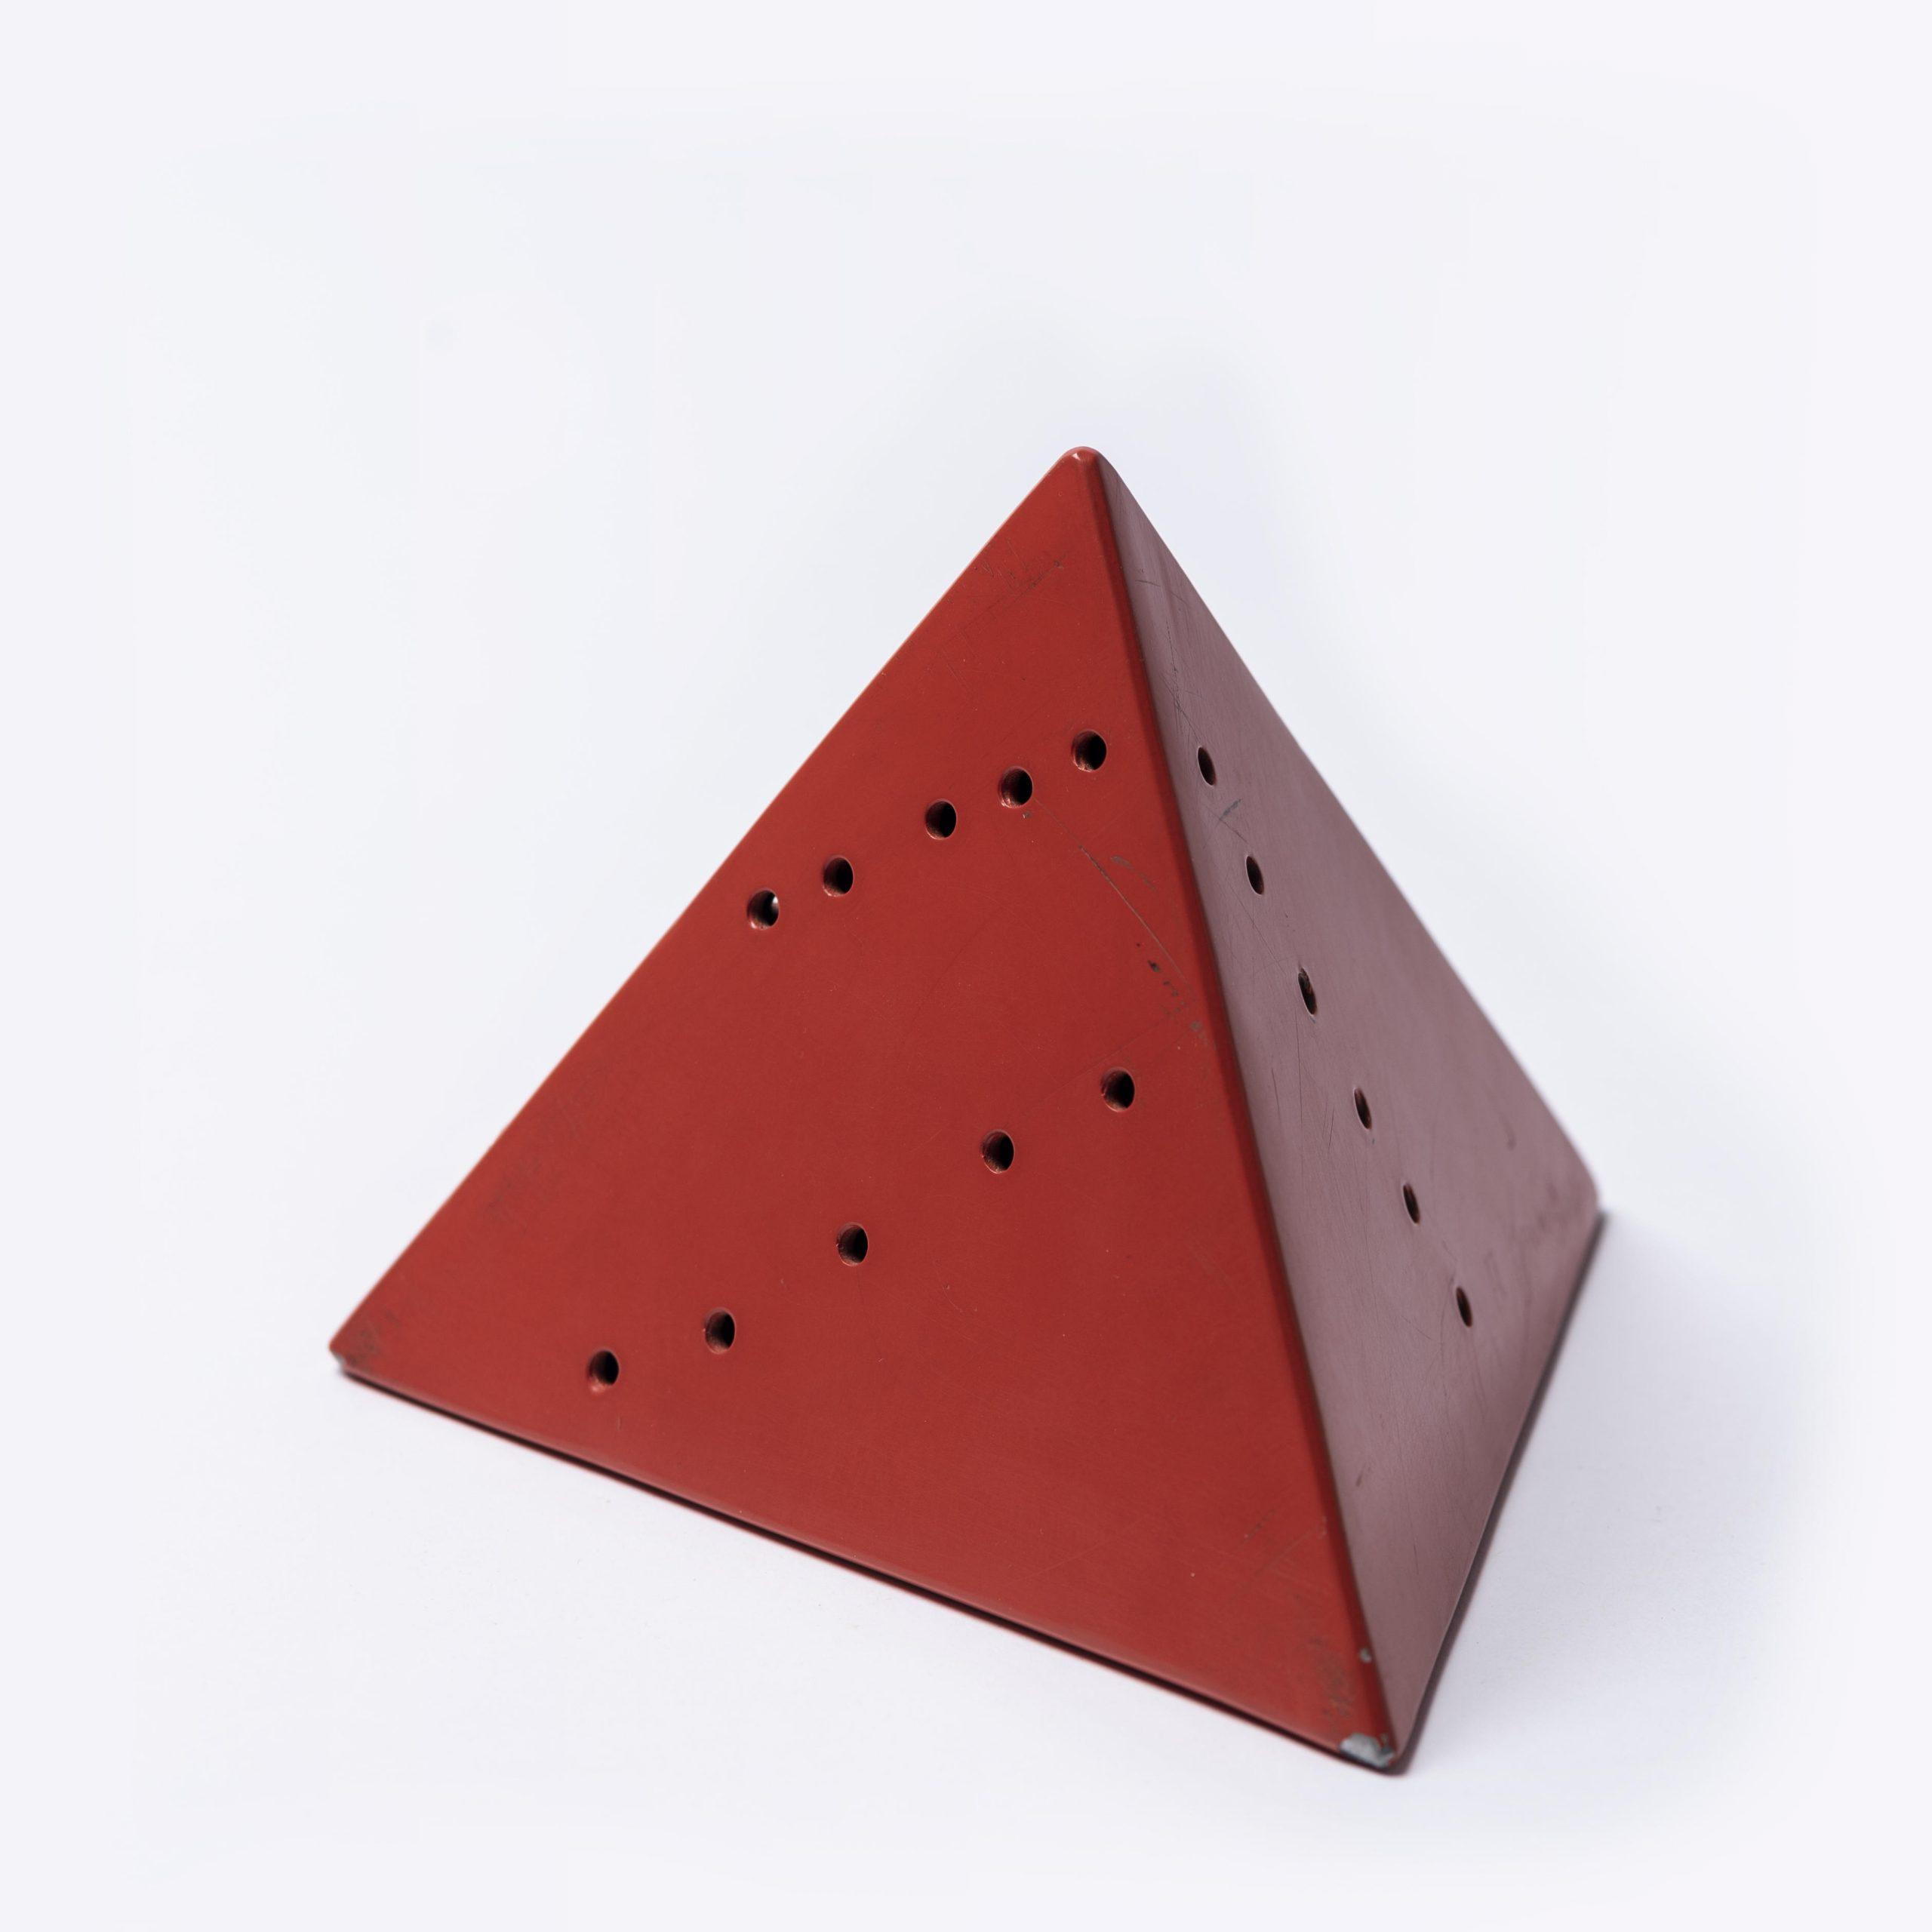 Piramide (red) by Lucio Fontana